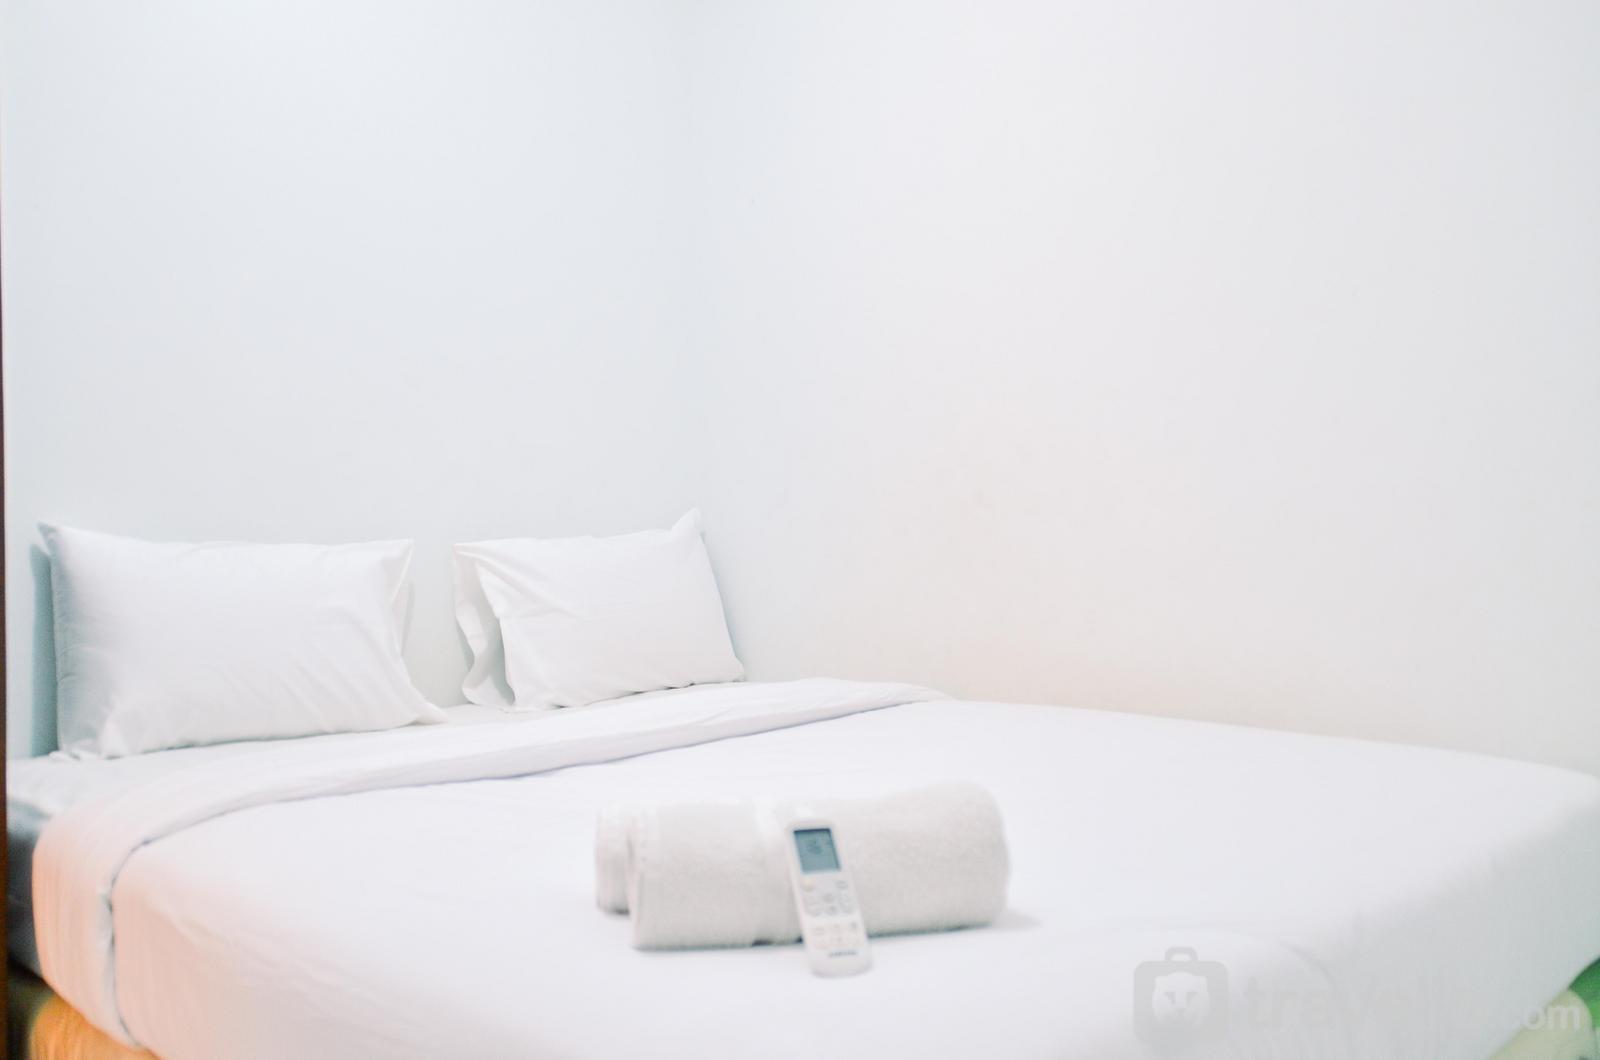 Apartemen Ayodhya Residence Tangerang - Good for 2BR Apartment at Ayodhya Residence By Travelio